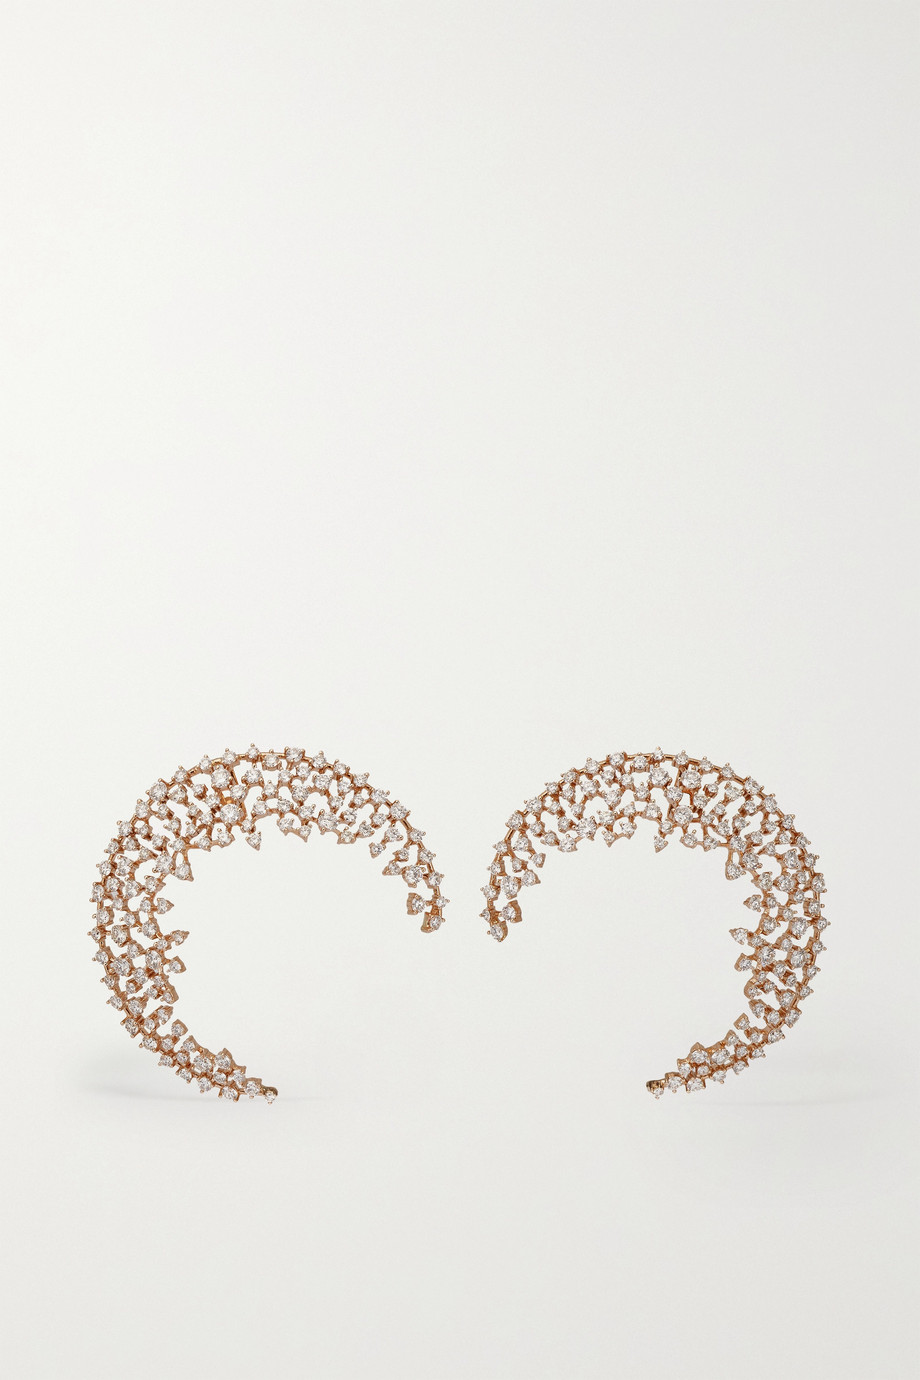 ANANYA Scatter Moon 18-karat rose gold diamond earrings